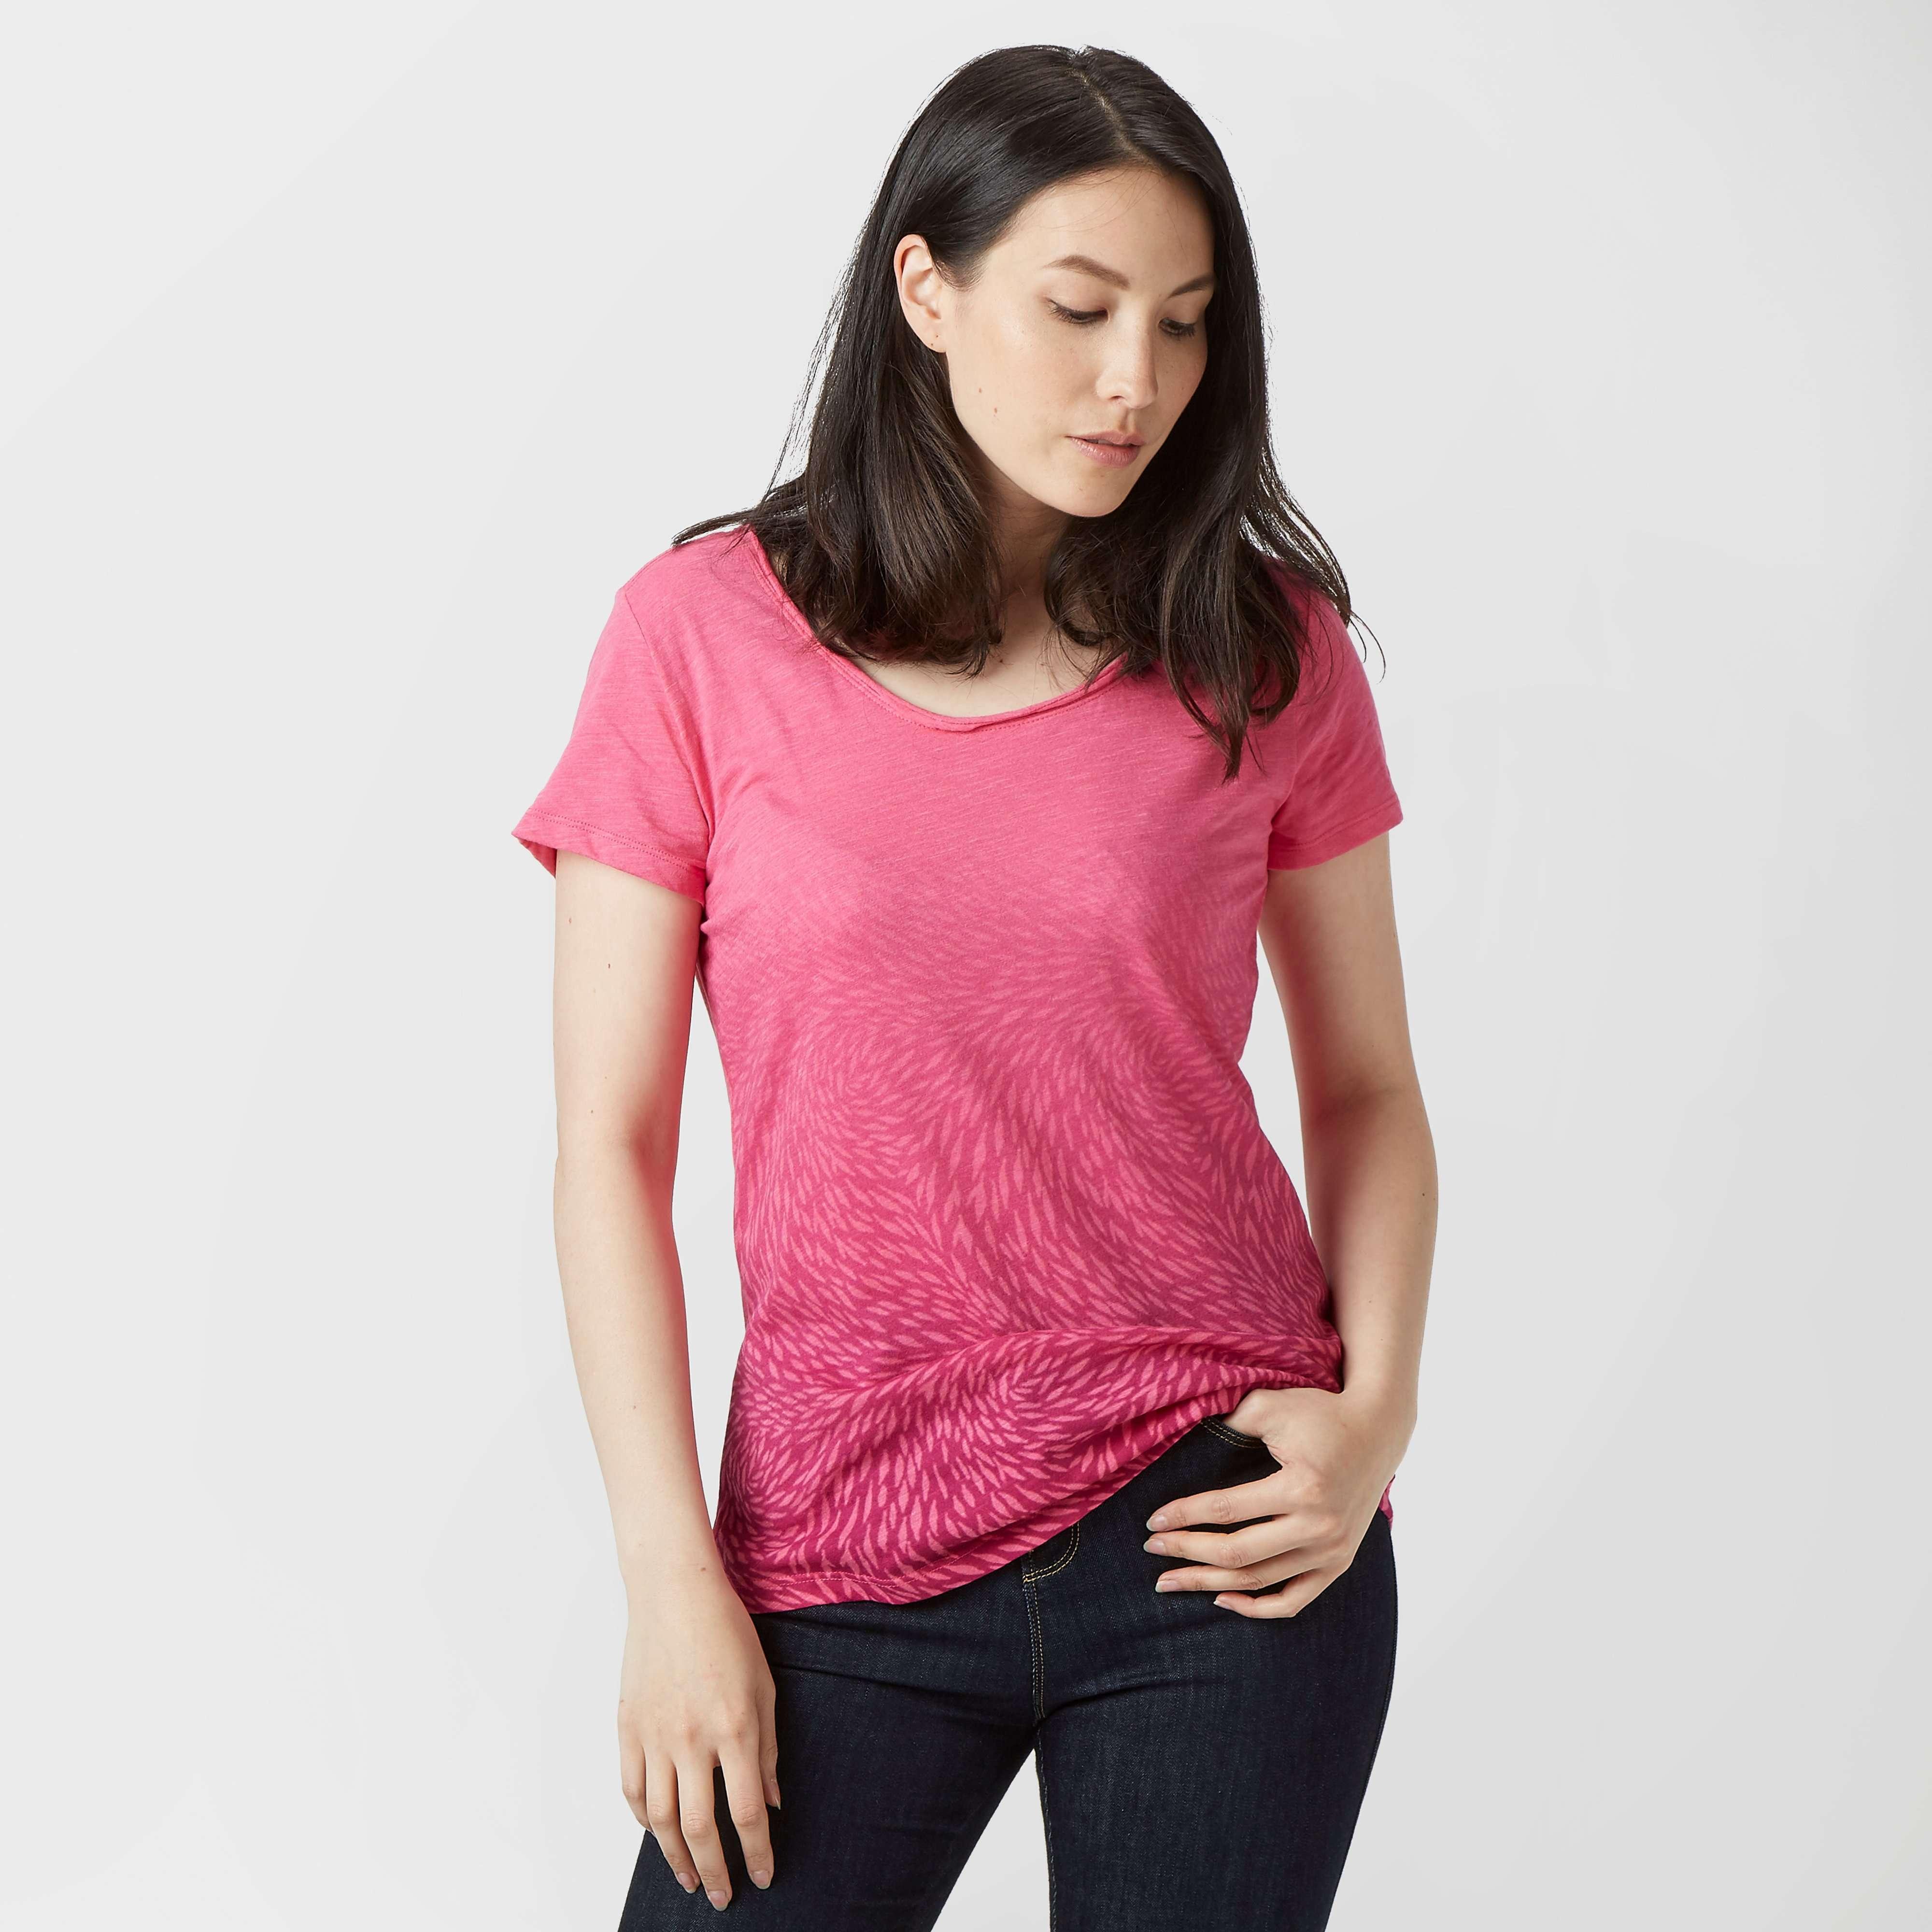 COLUMBIA Women's Ocean Fade™ Short Sleeve T-Shirt